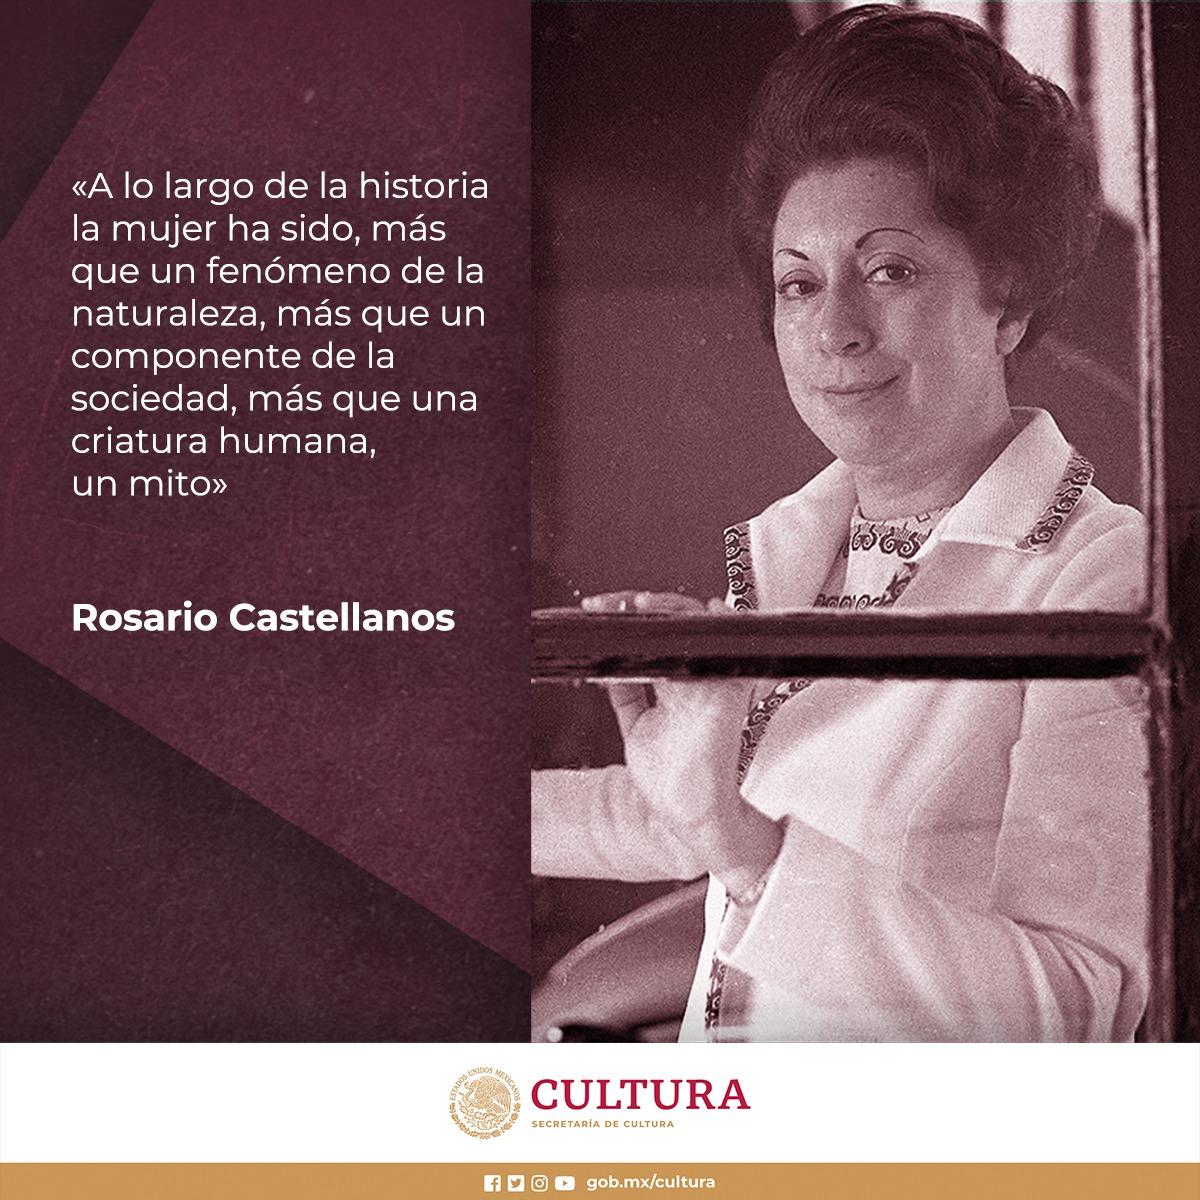 Hoy celebramos a Rosario Castellanos, poeta mayor de México, figura central para entender la literatura mexicana del siglo XX, voz imprescindible para visibilizar a las mujeres en el campo cultural. A 95 años de su nacimiento, su obra ha ganado vigencia en las nuevas generaciones